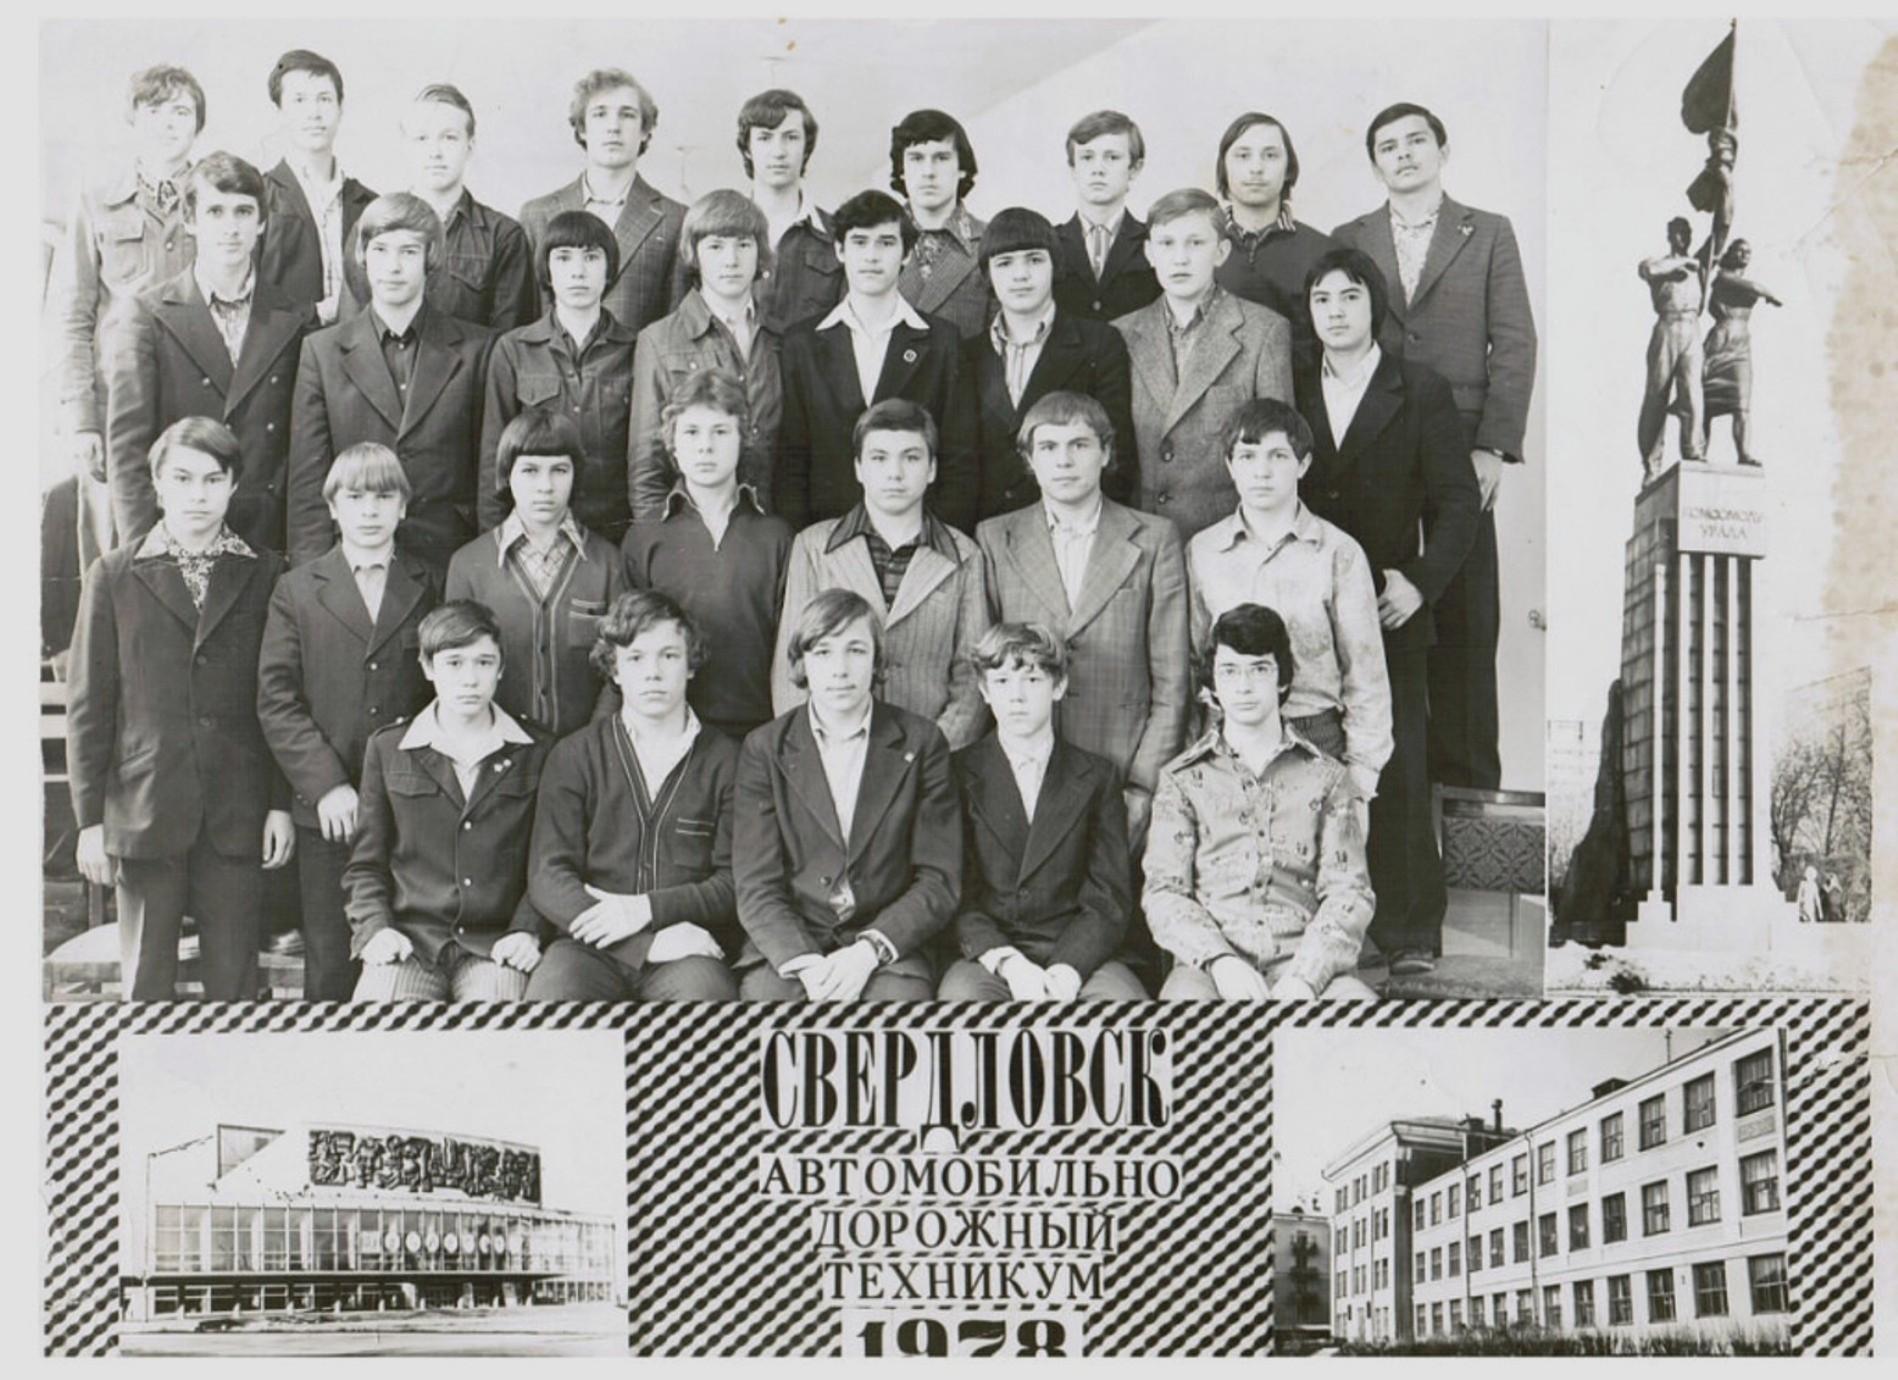 Группа 2251, автомеханики, 1979 год, Свердловский Автомобильно-дорожный техникум (САДТ)